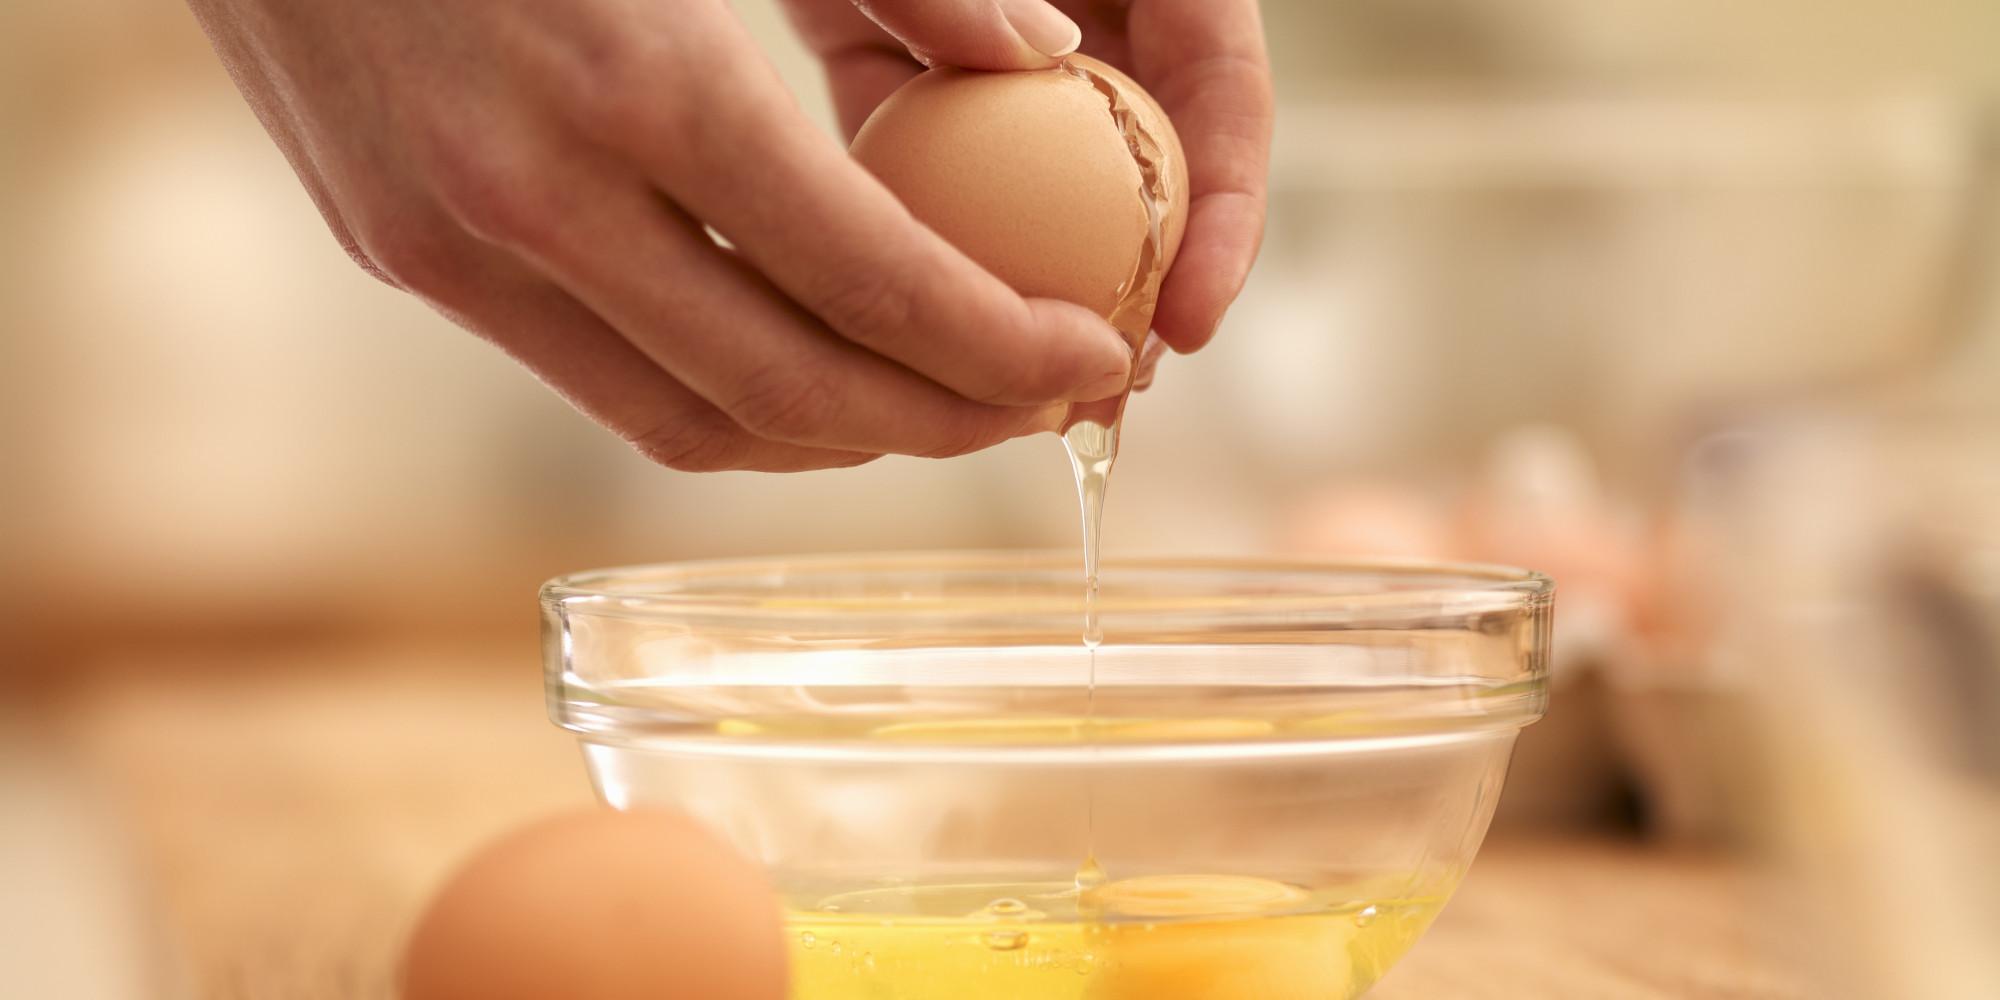 huffpost - yumurta kırmak - yemek yapmanın altın kuralları